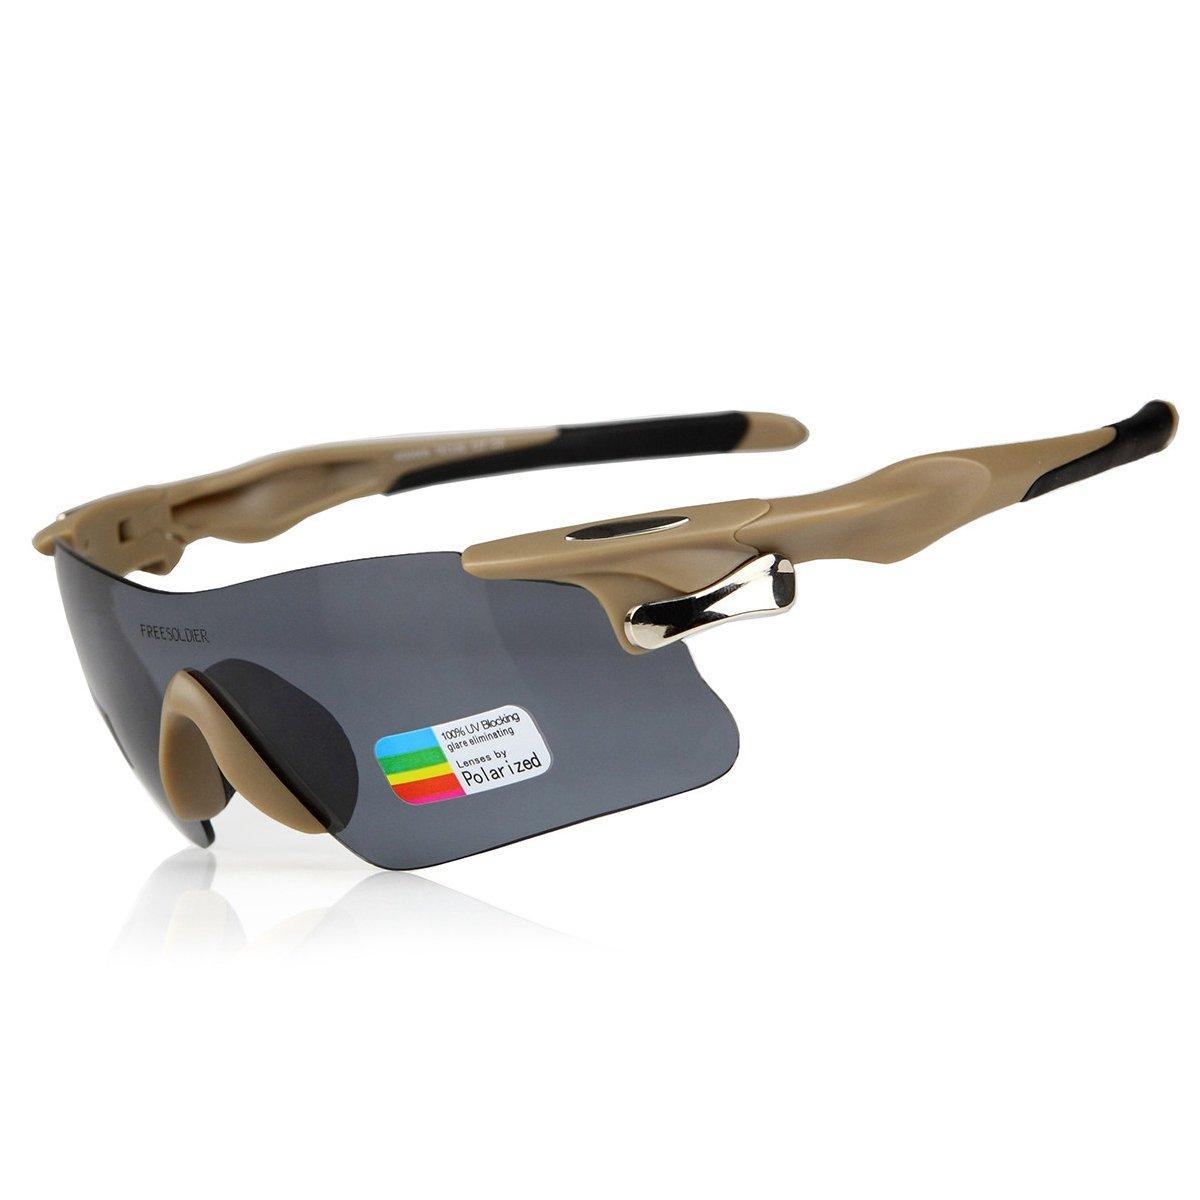 FREE SOLDIER Libre Soldado t/áctico Gafas de Sol polarizadas Gafas de conducci/ón Carreras de Ciclismo Deportes al Aire Libre Gafas de Sol